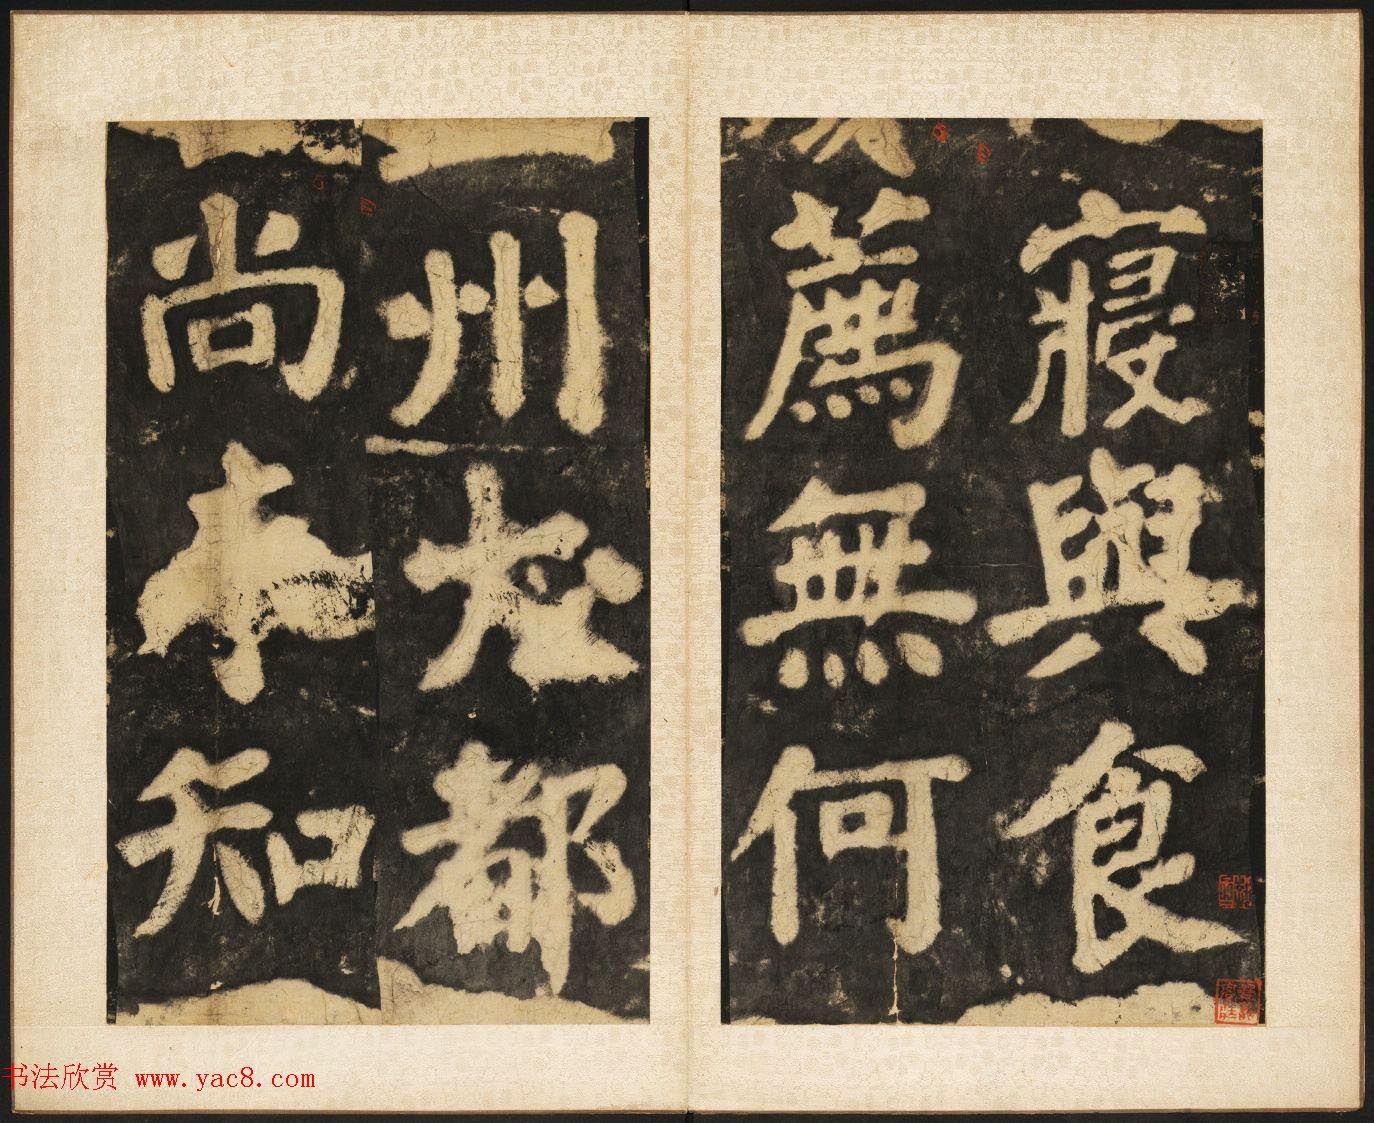 中国书法碑帖册《唐人残碑》民国拓本